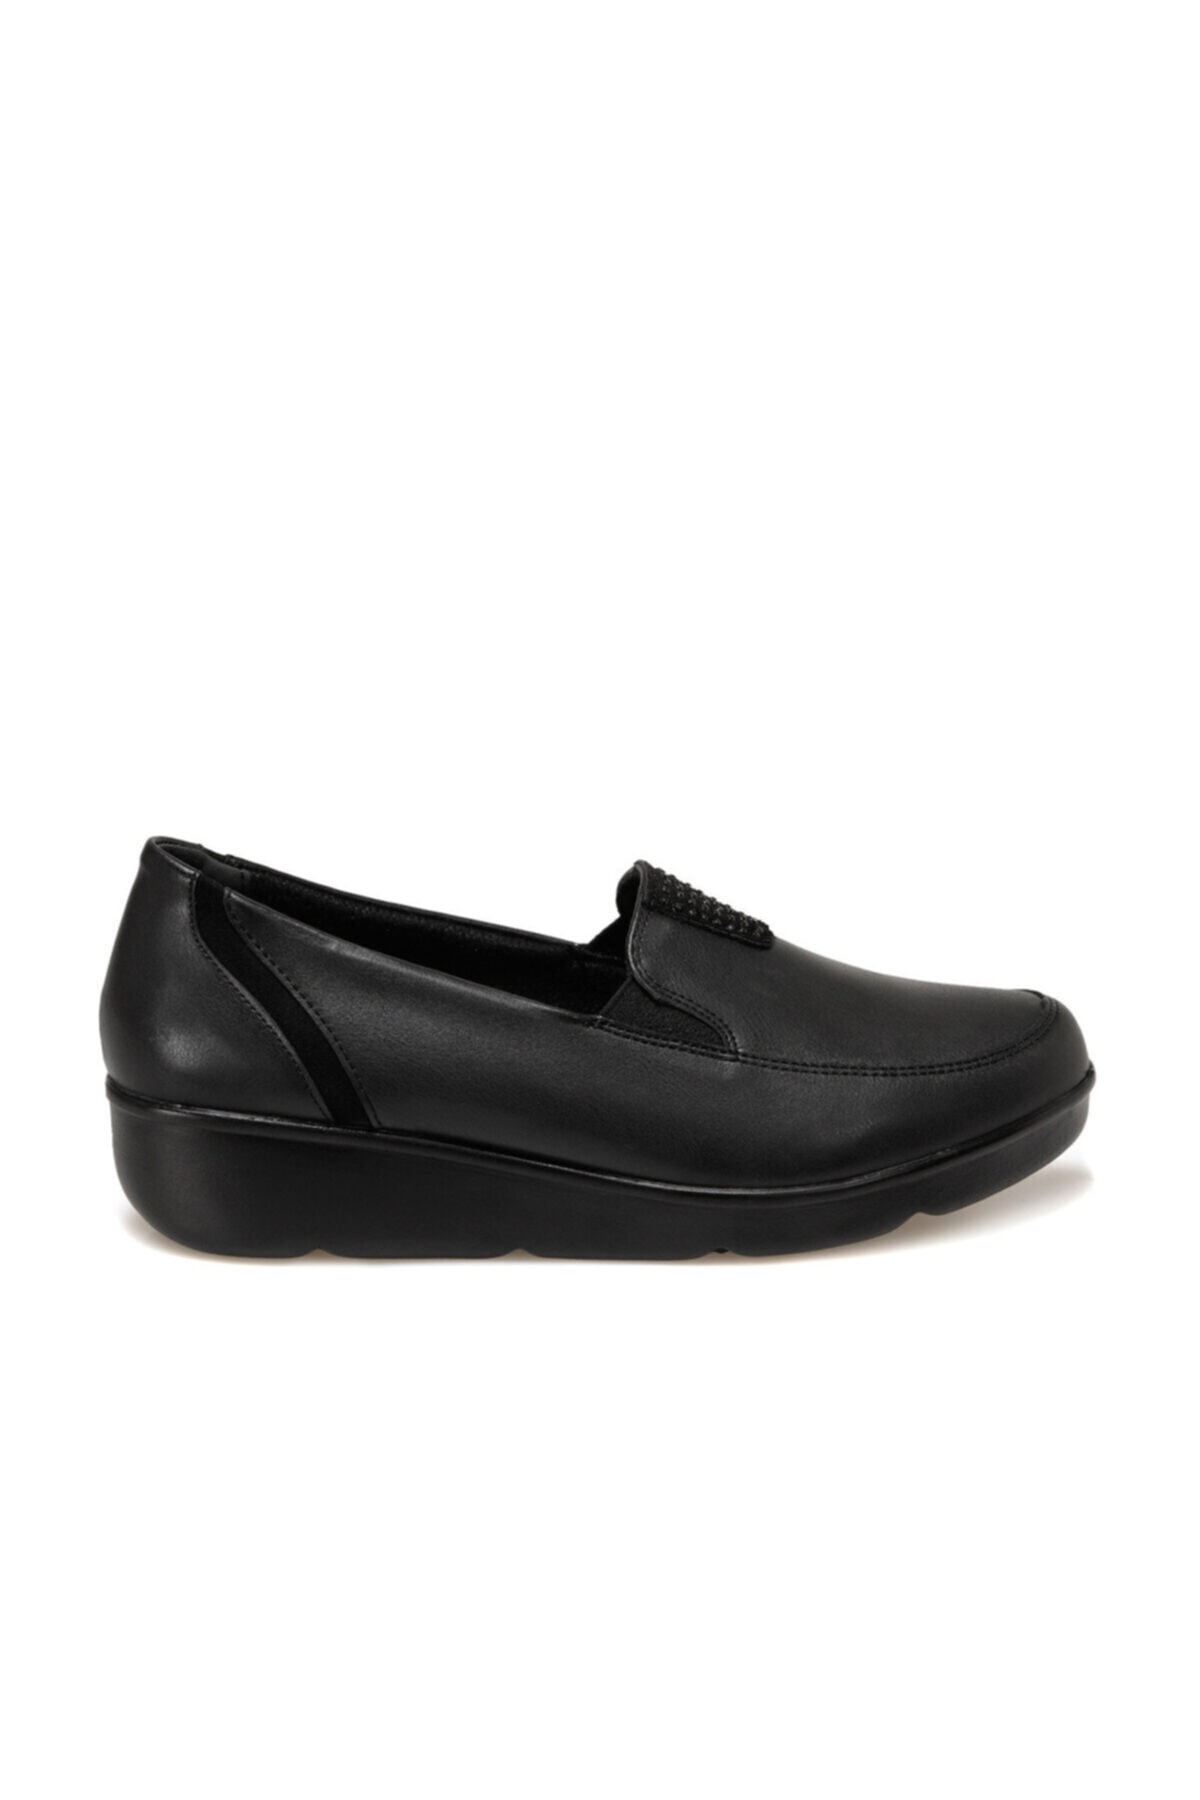 Polaris 5 Nokta 103115.Z Siyah Kadın Comfort Ayakkabı 100555560 2